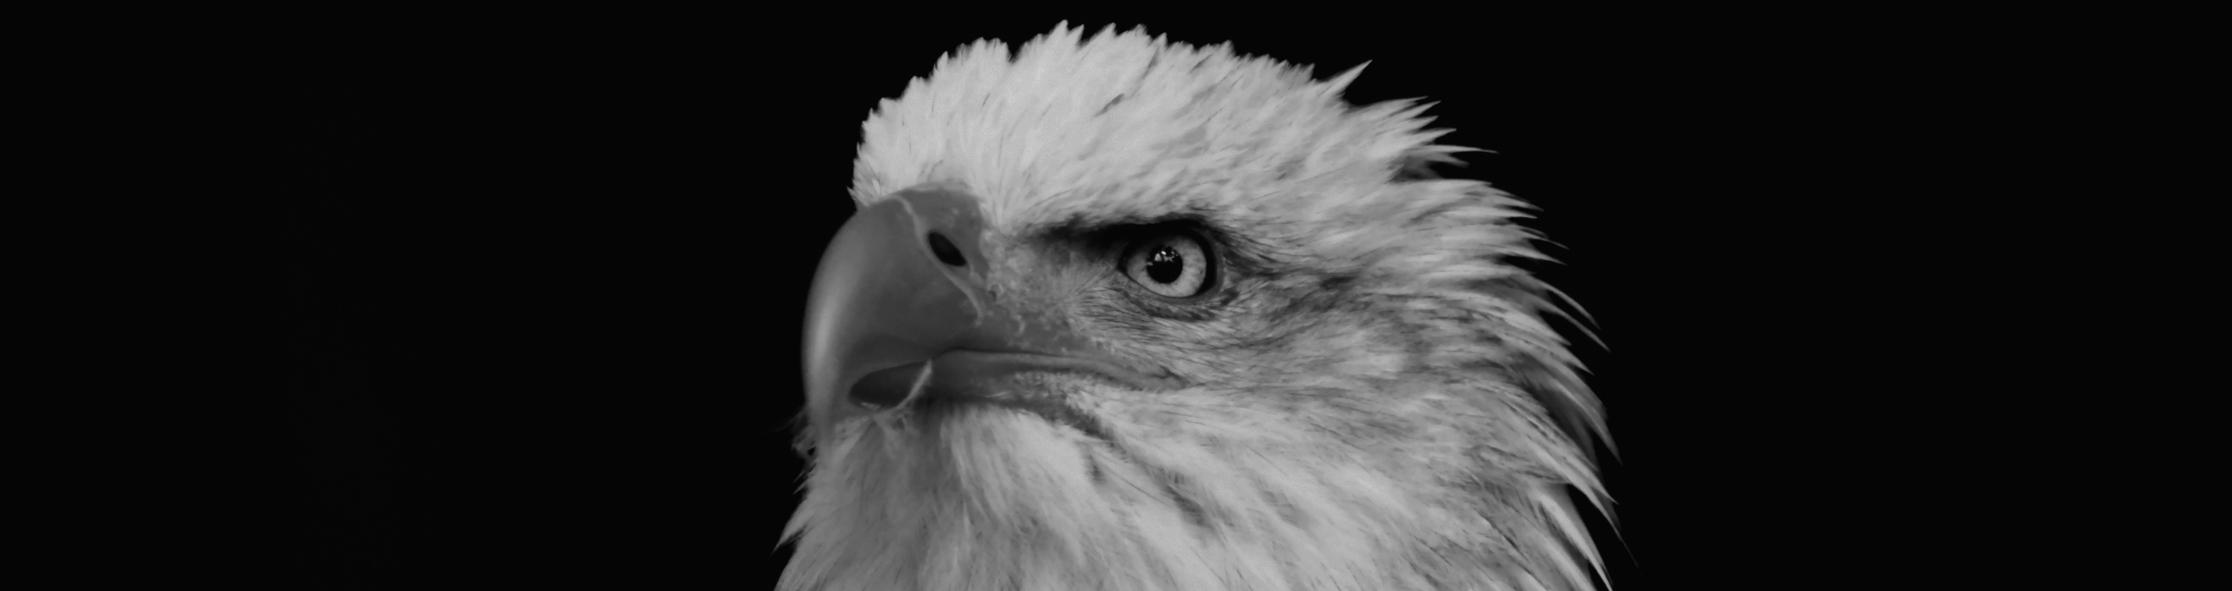 Dark Eagle Galerie Header